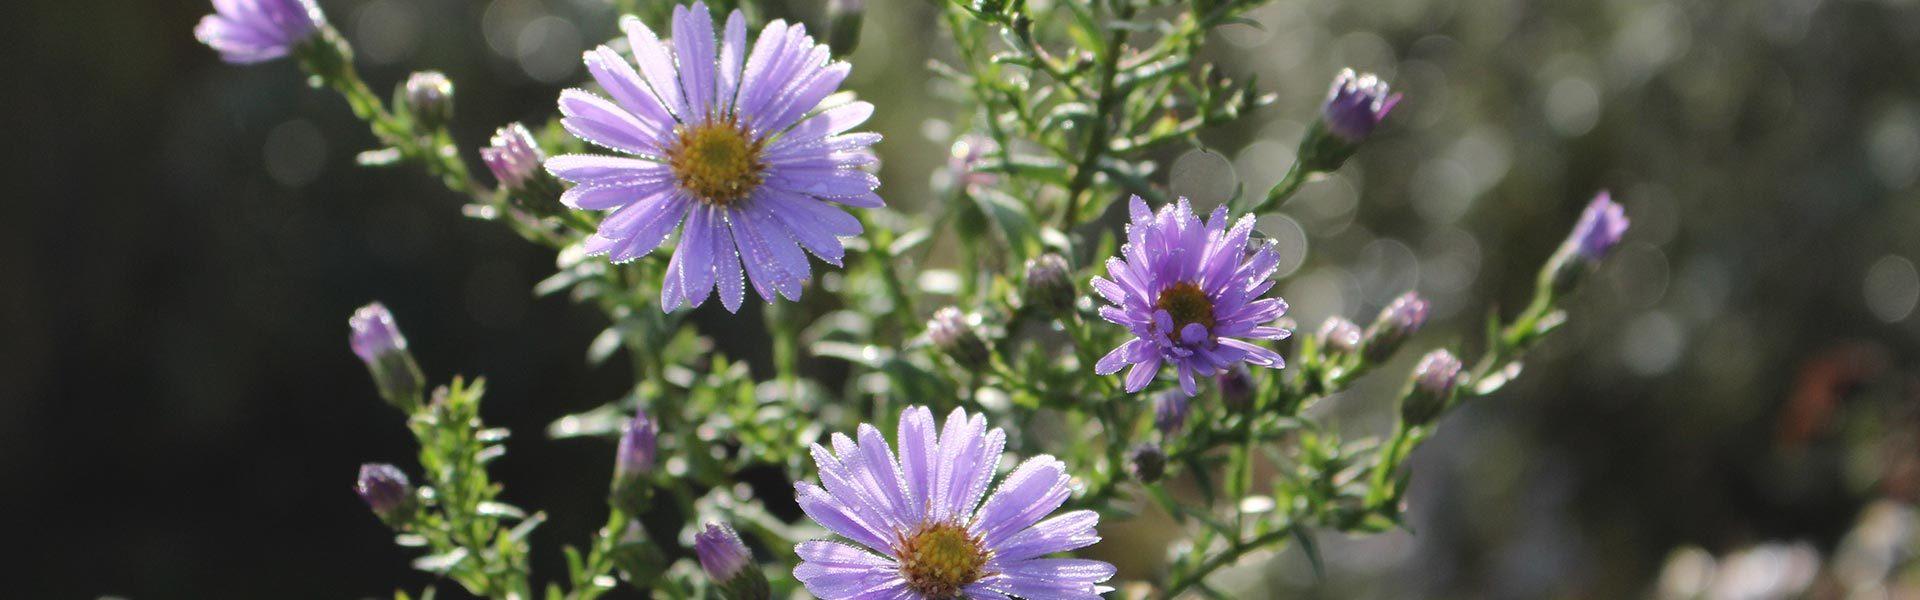 Blumen Rössl in Landshut